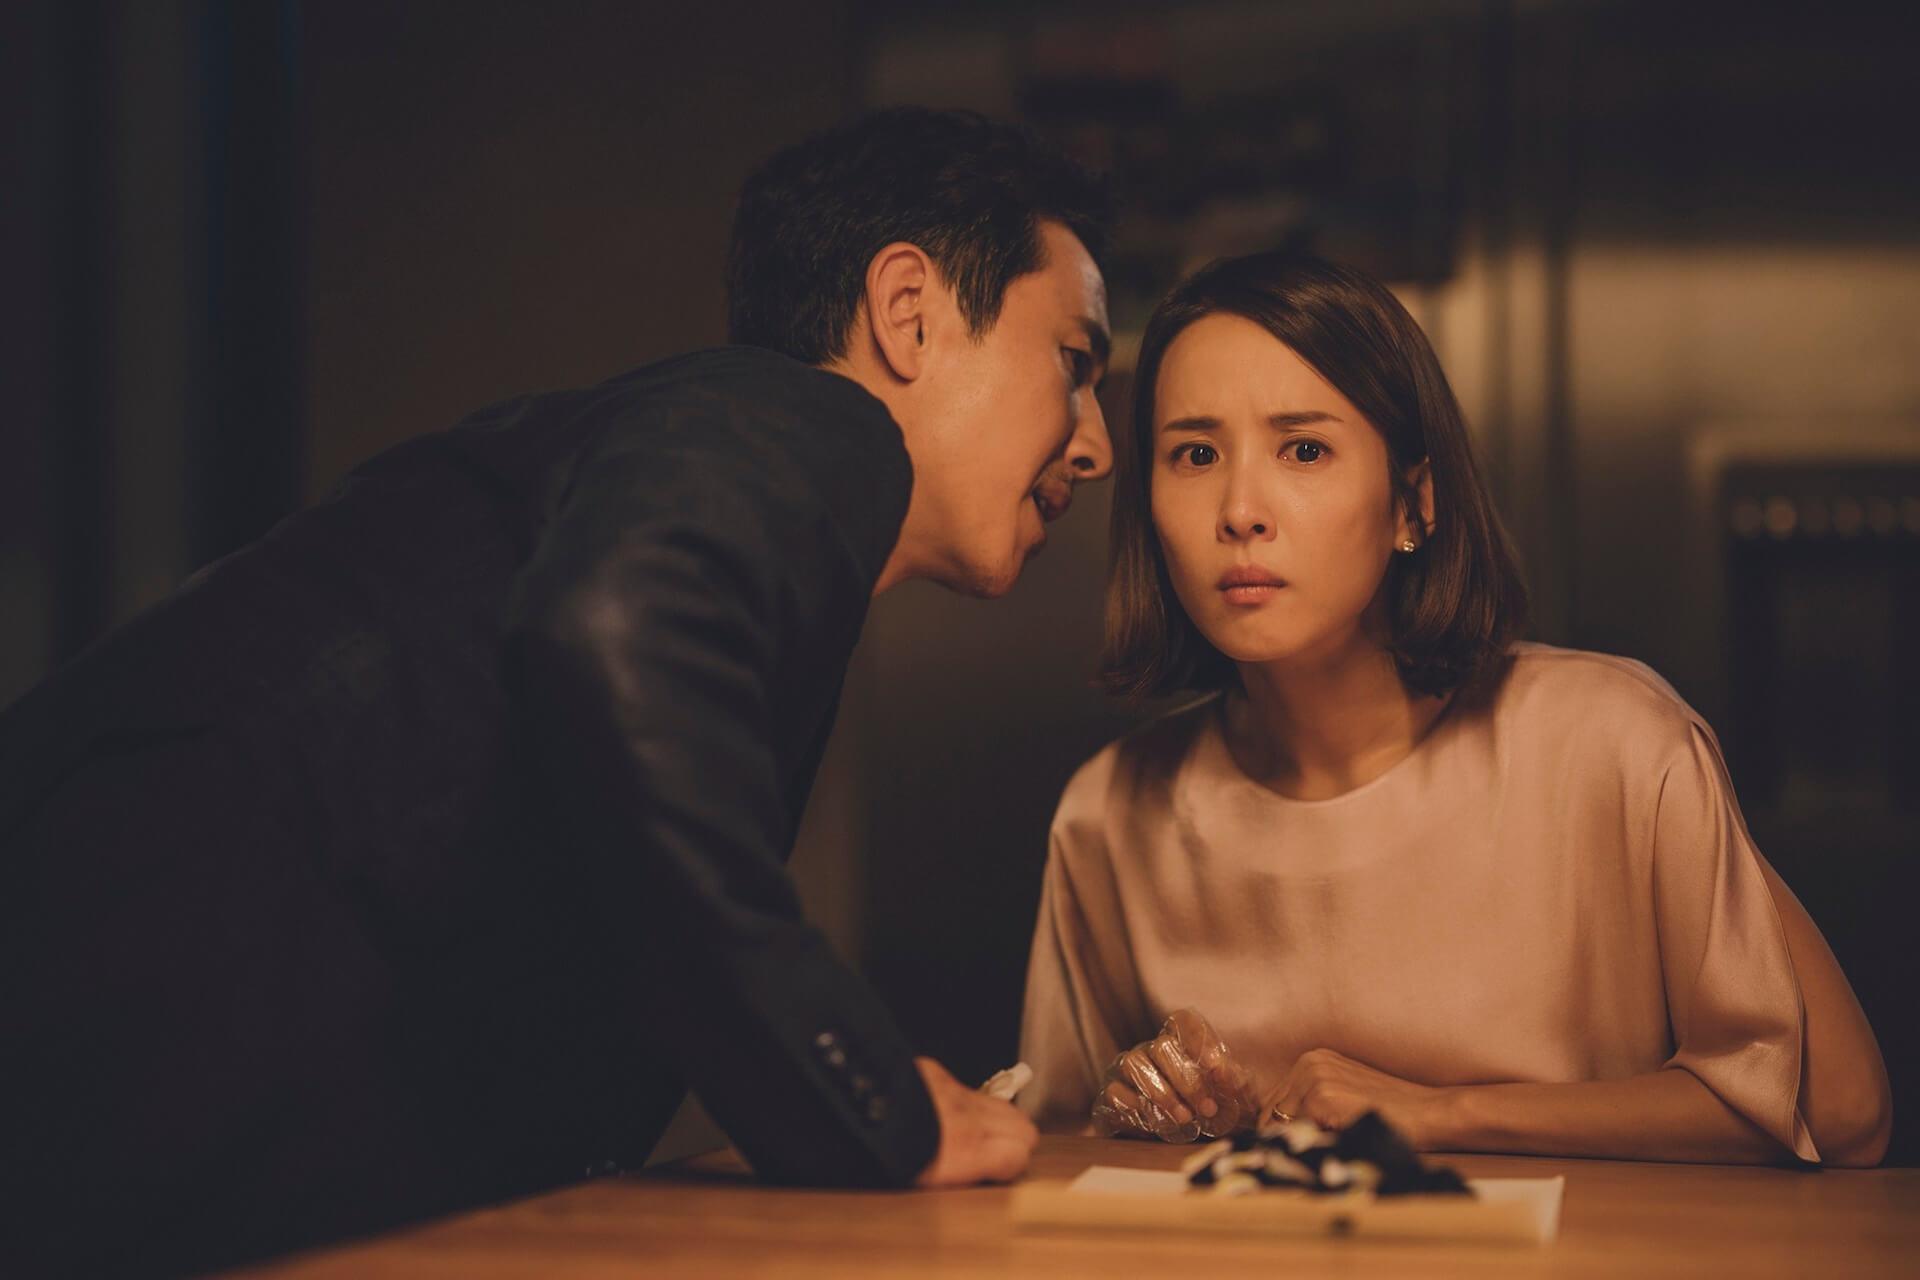 全世界が熱狂する『パラサイト 半地下の家族』出演キャスト陣からコメントが到着「韓国映画の進化として認識することでしょう」 film191030_parasite_2